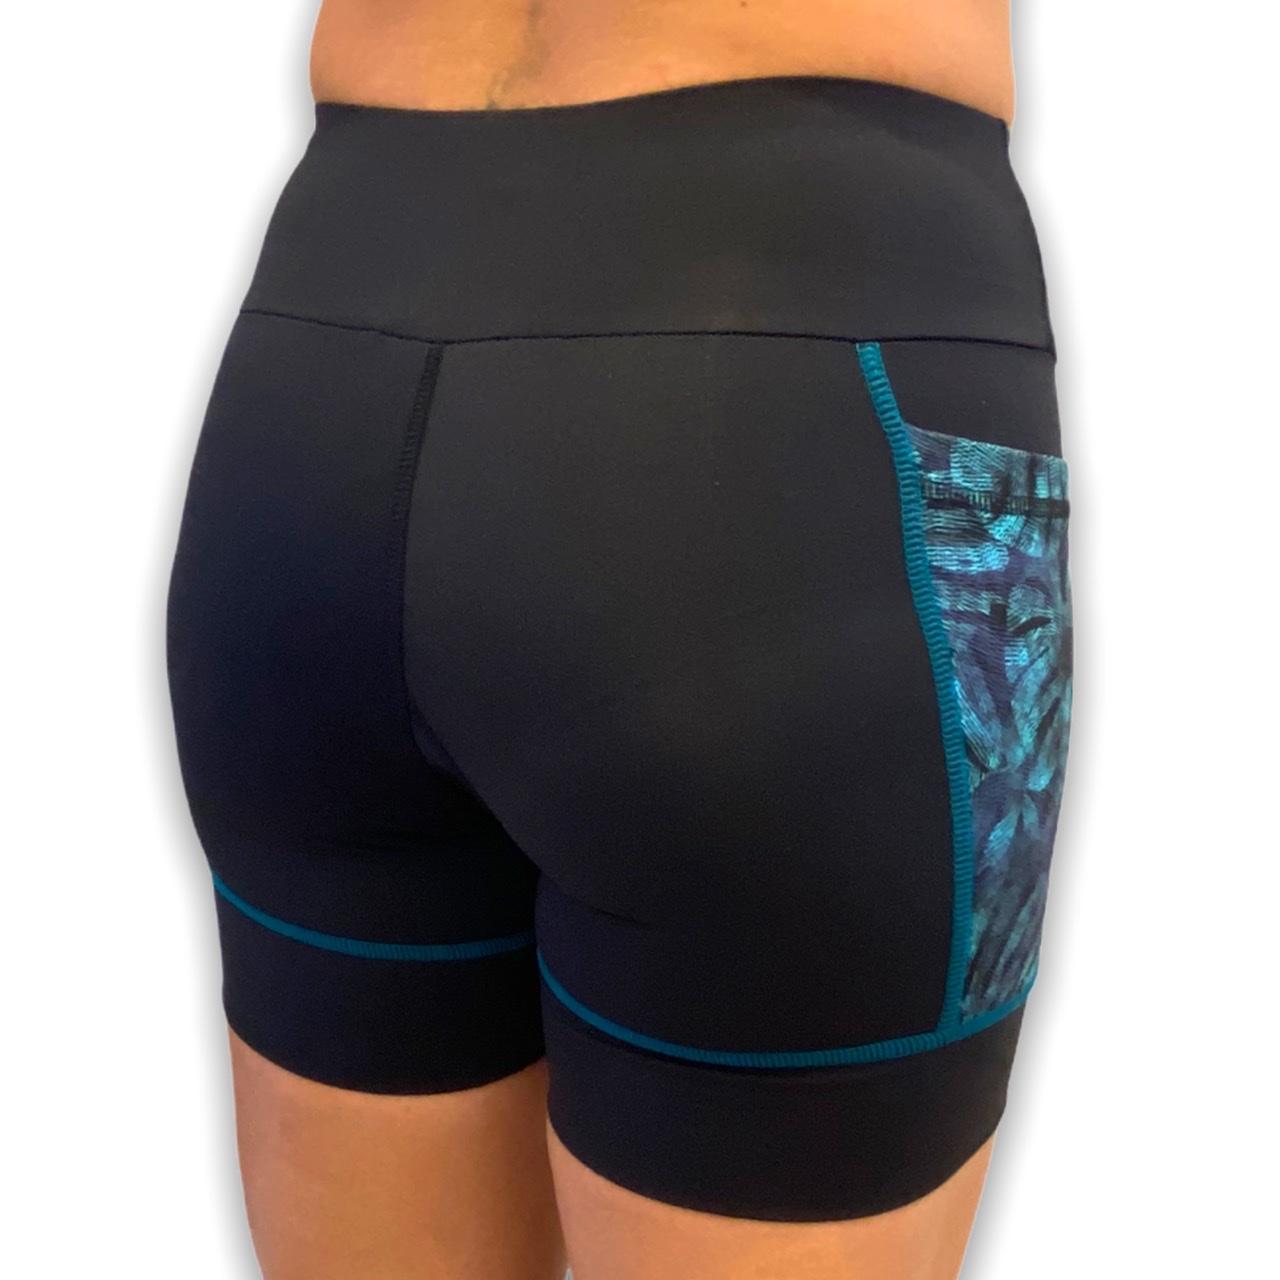 Shorts de compressão Square em bodytex preto com bolsos laterais estampa folhagem  - Vivian Bógus